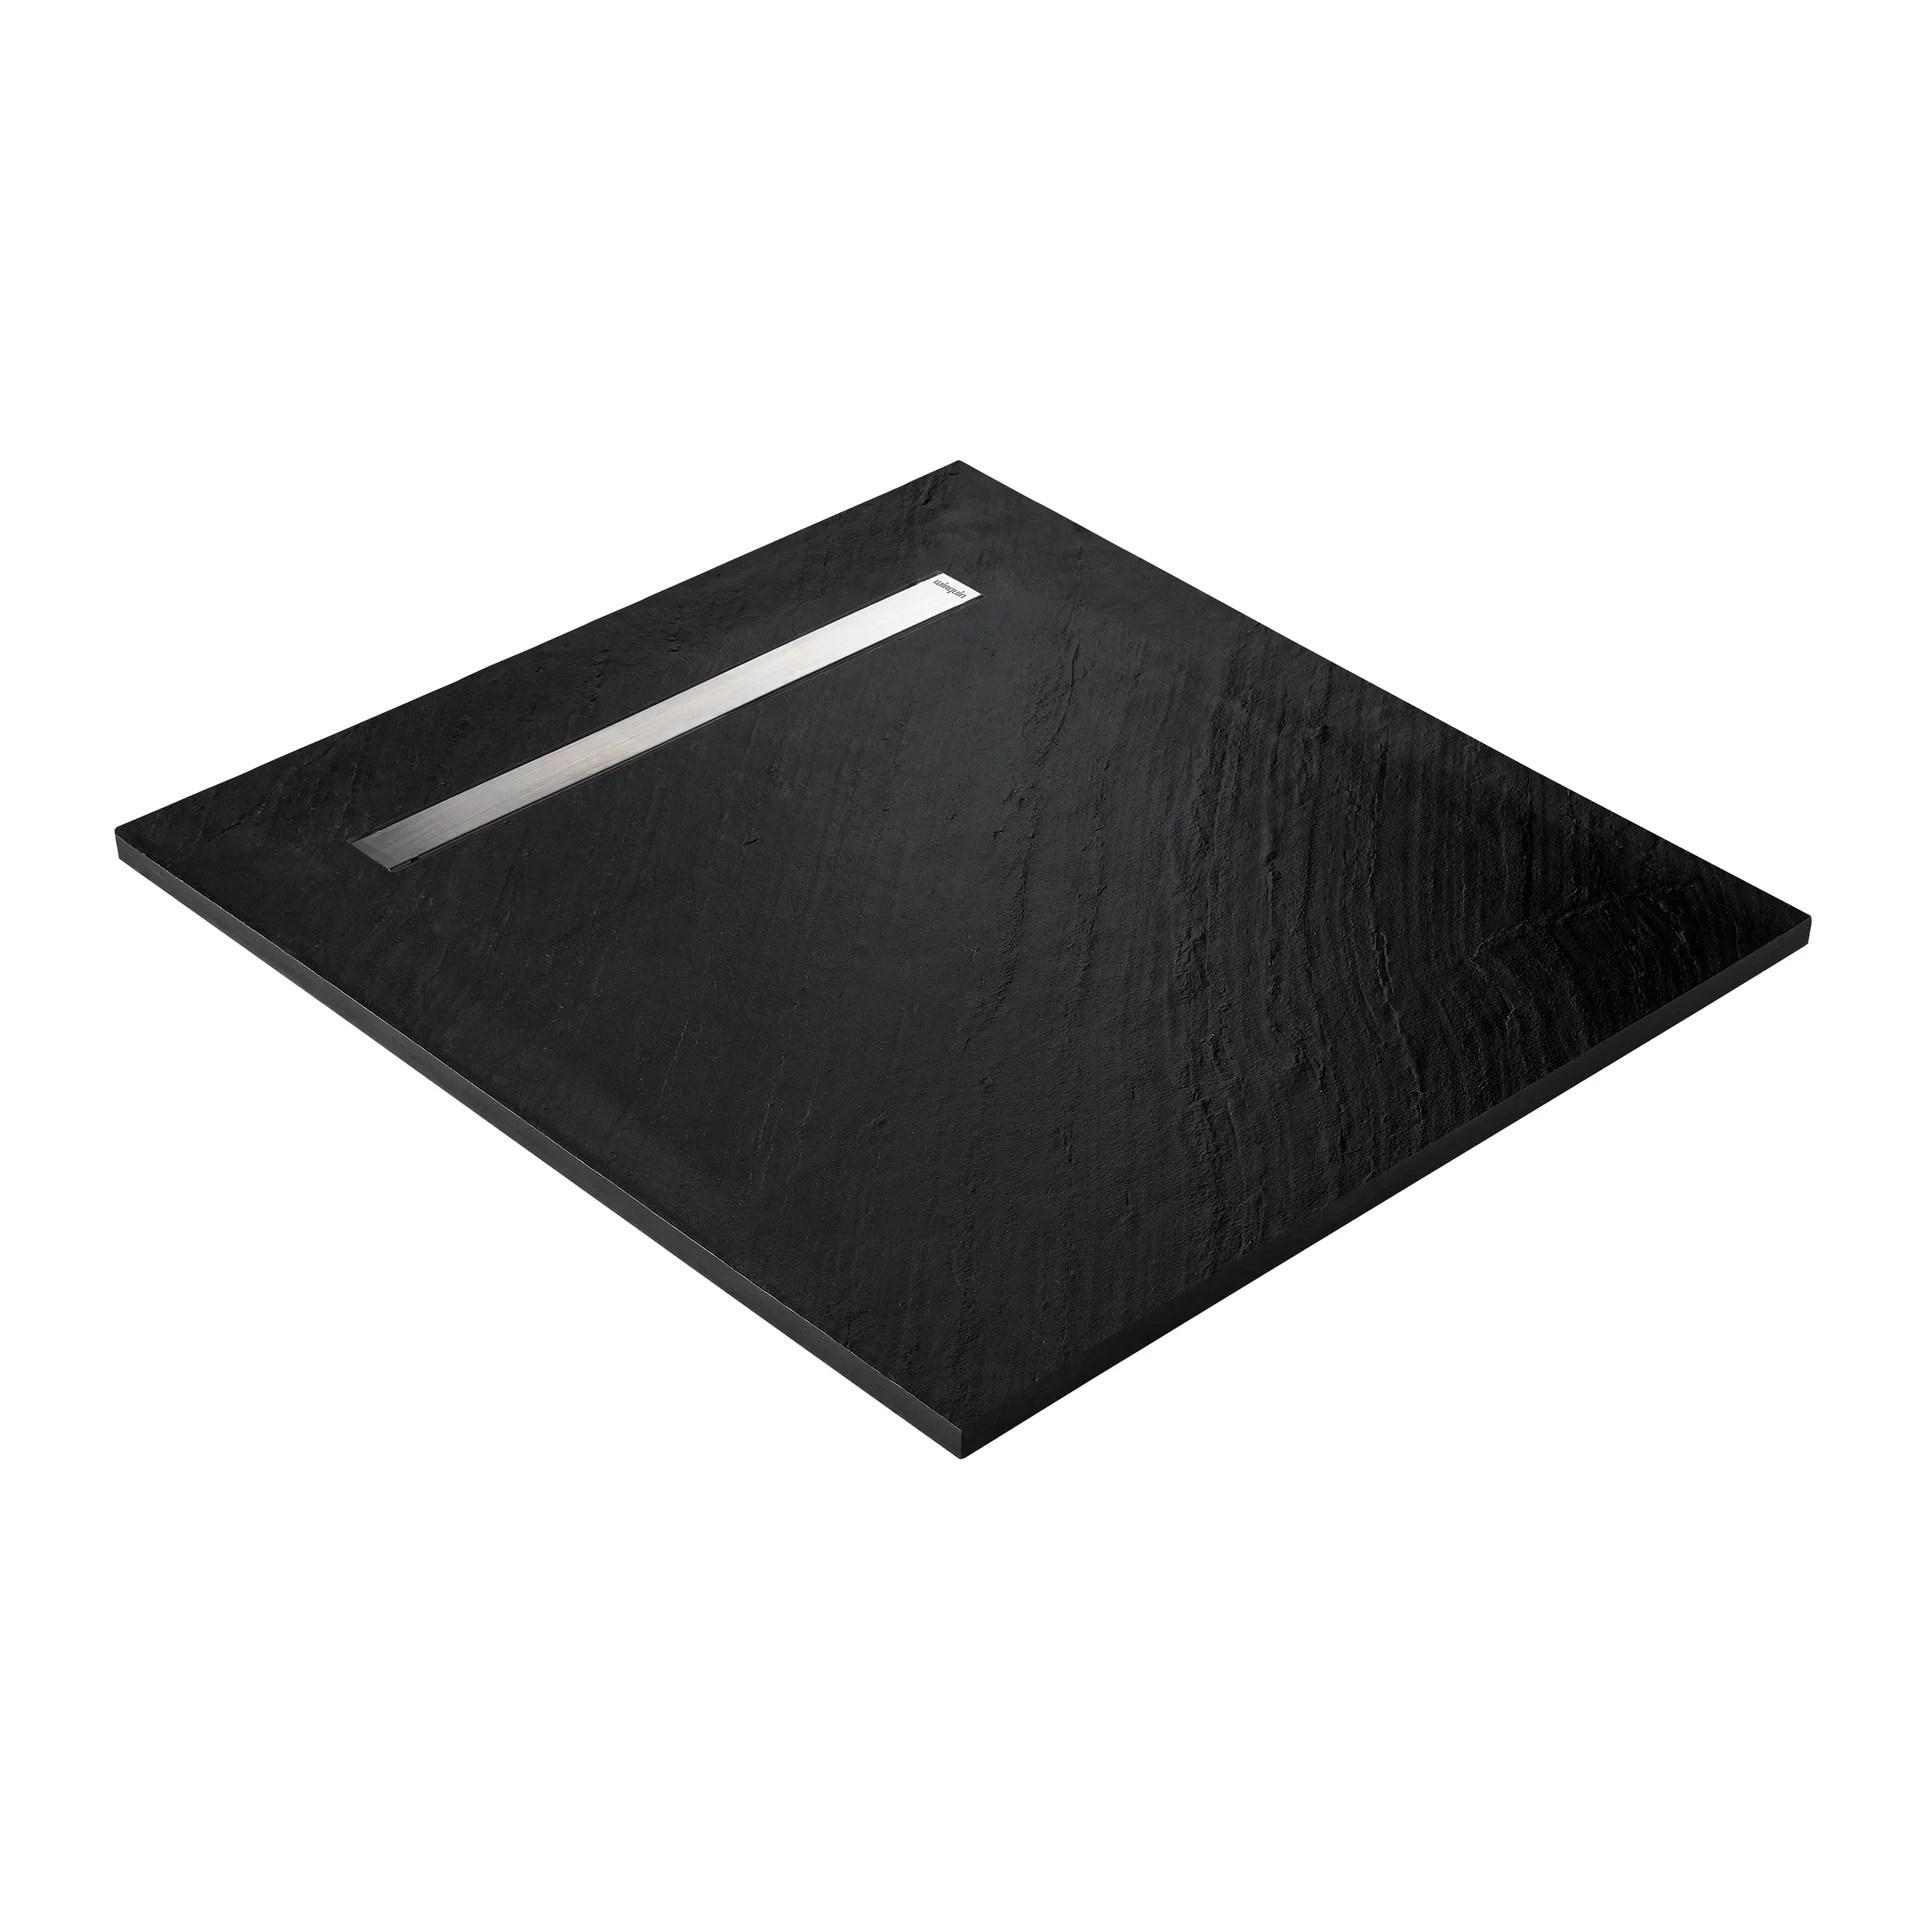 receveur douche extra plat pierre naturelle caniveau inox noir 90 x 90